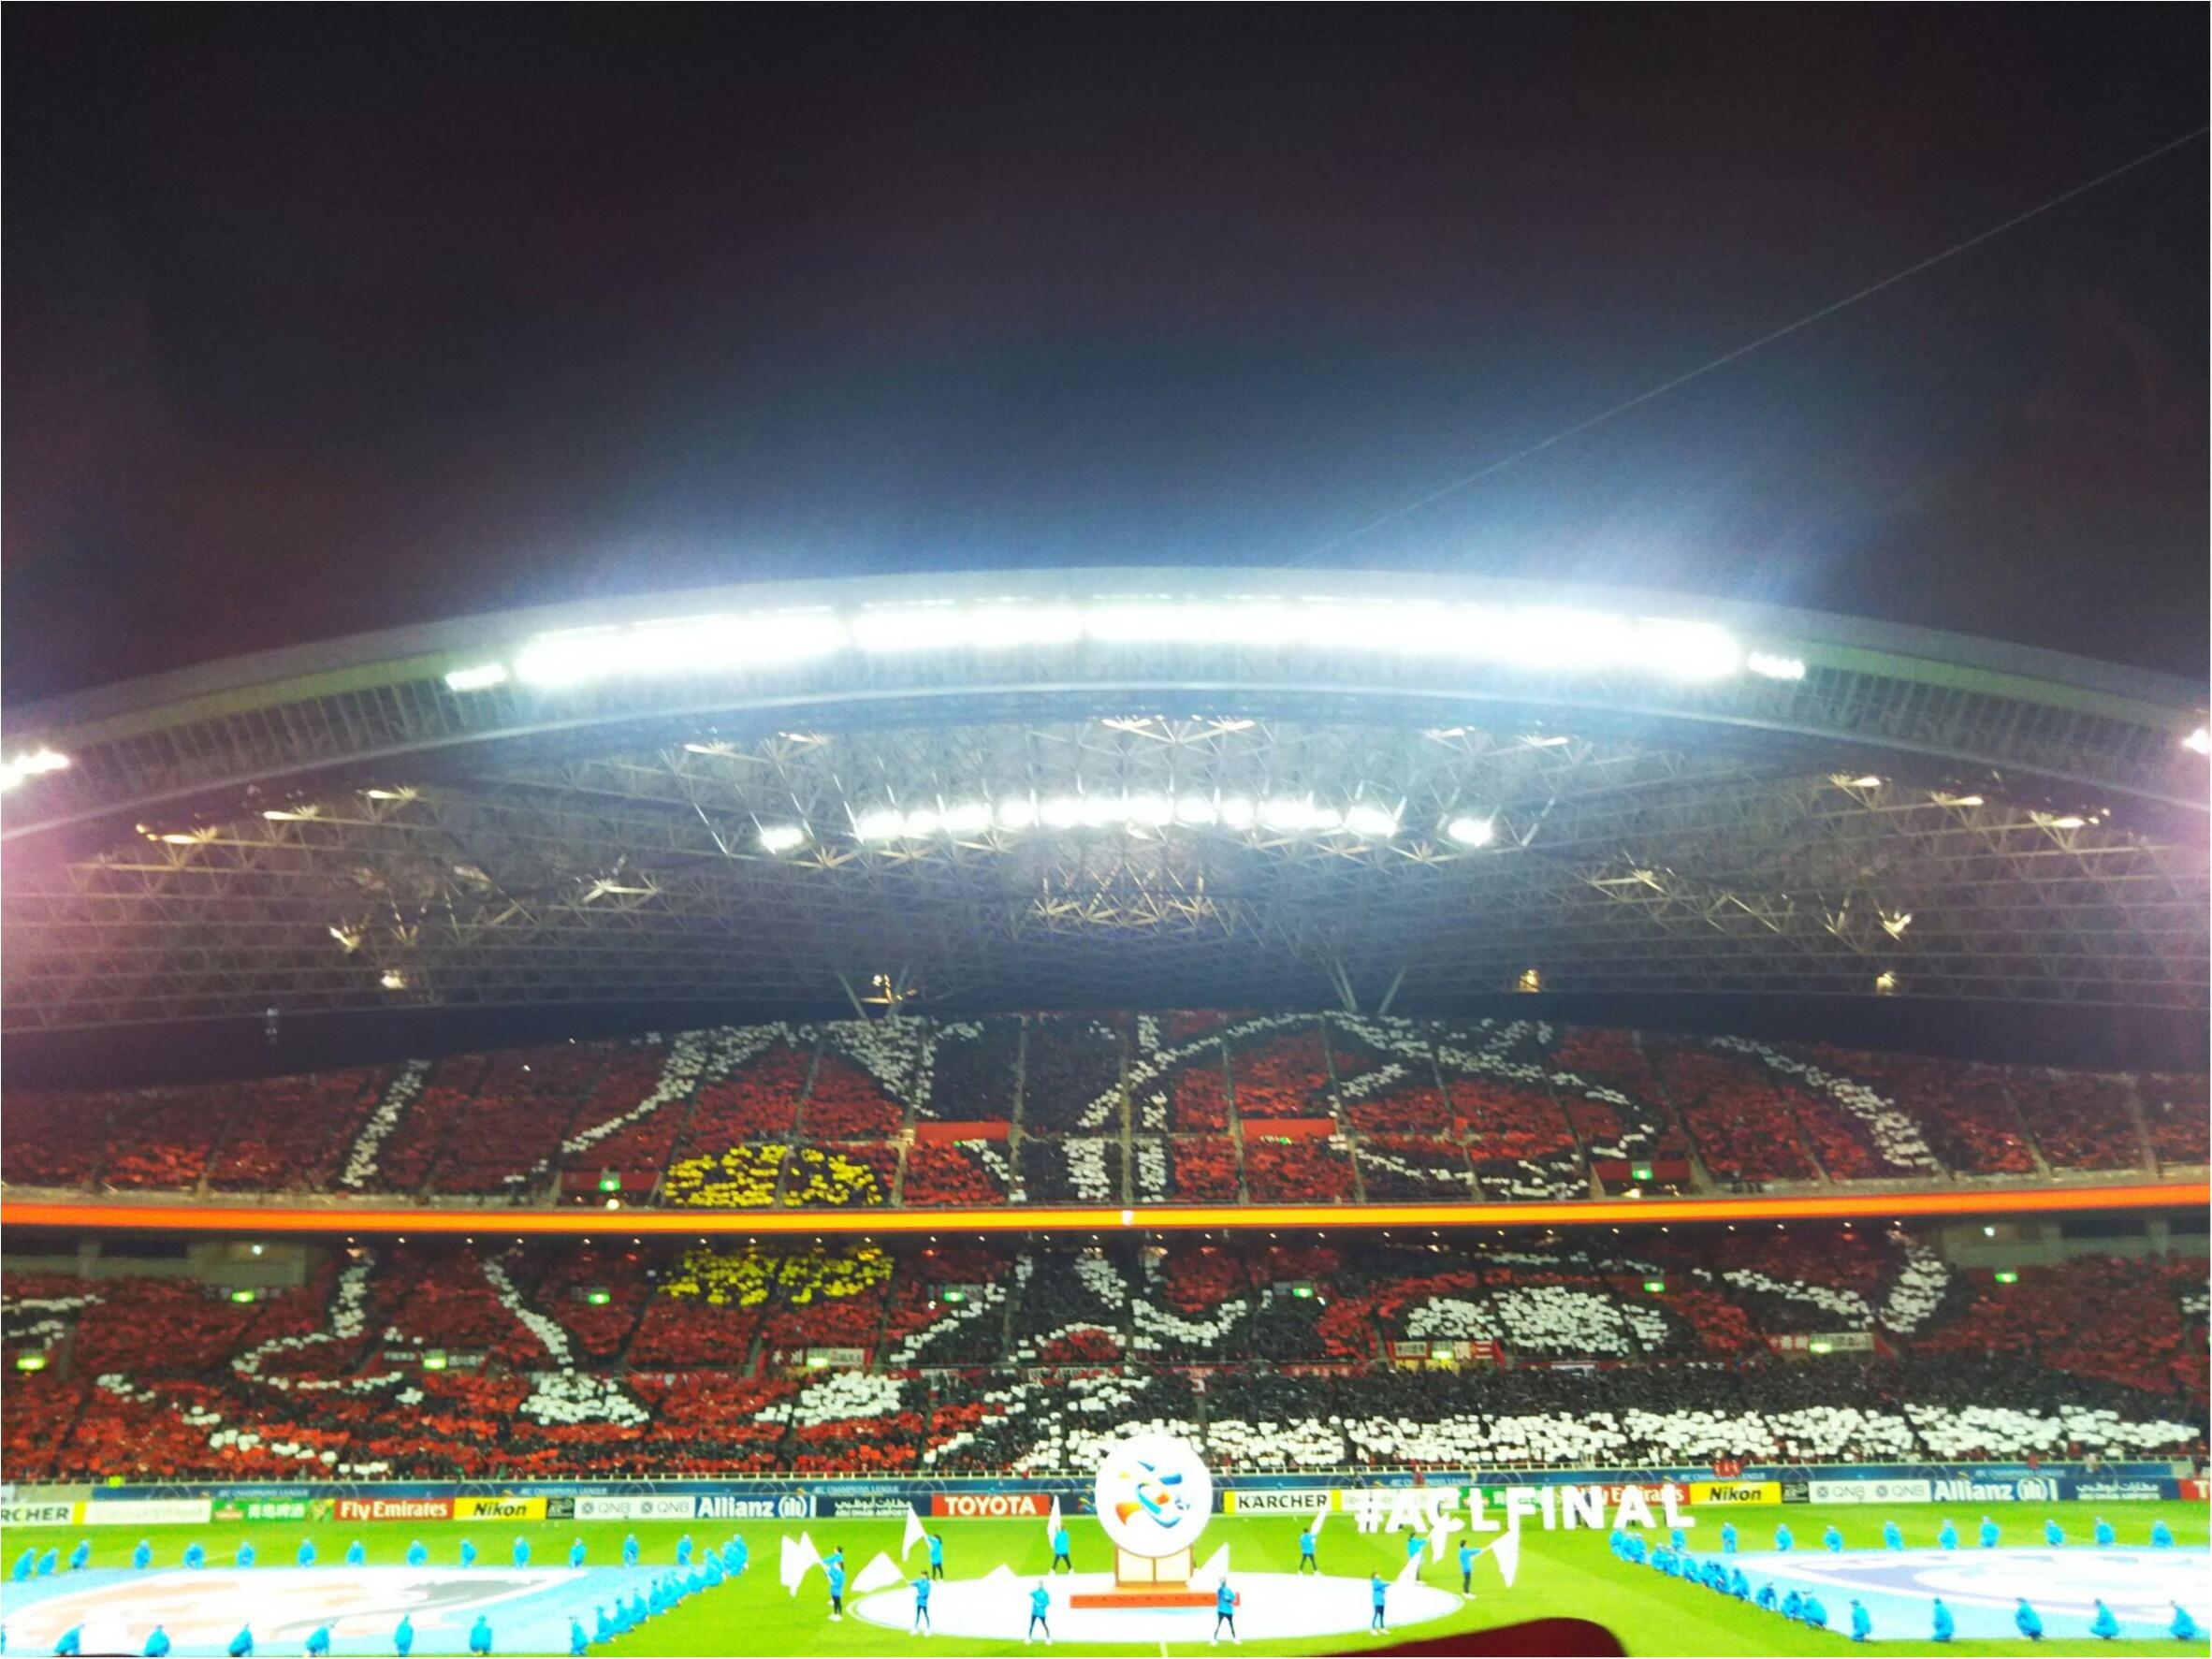 【サッカー】祝アジアチャンピオン!!世界一のクラブチームを目指す大会は6日深夜から…!?_3